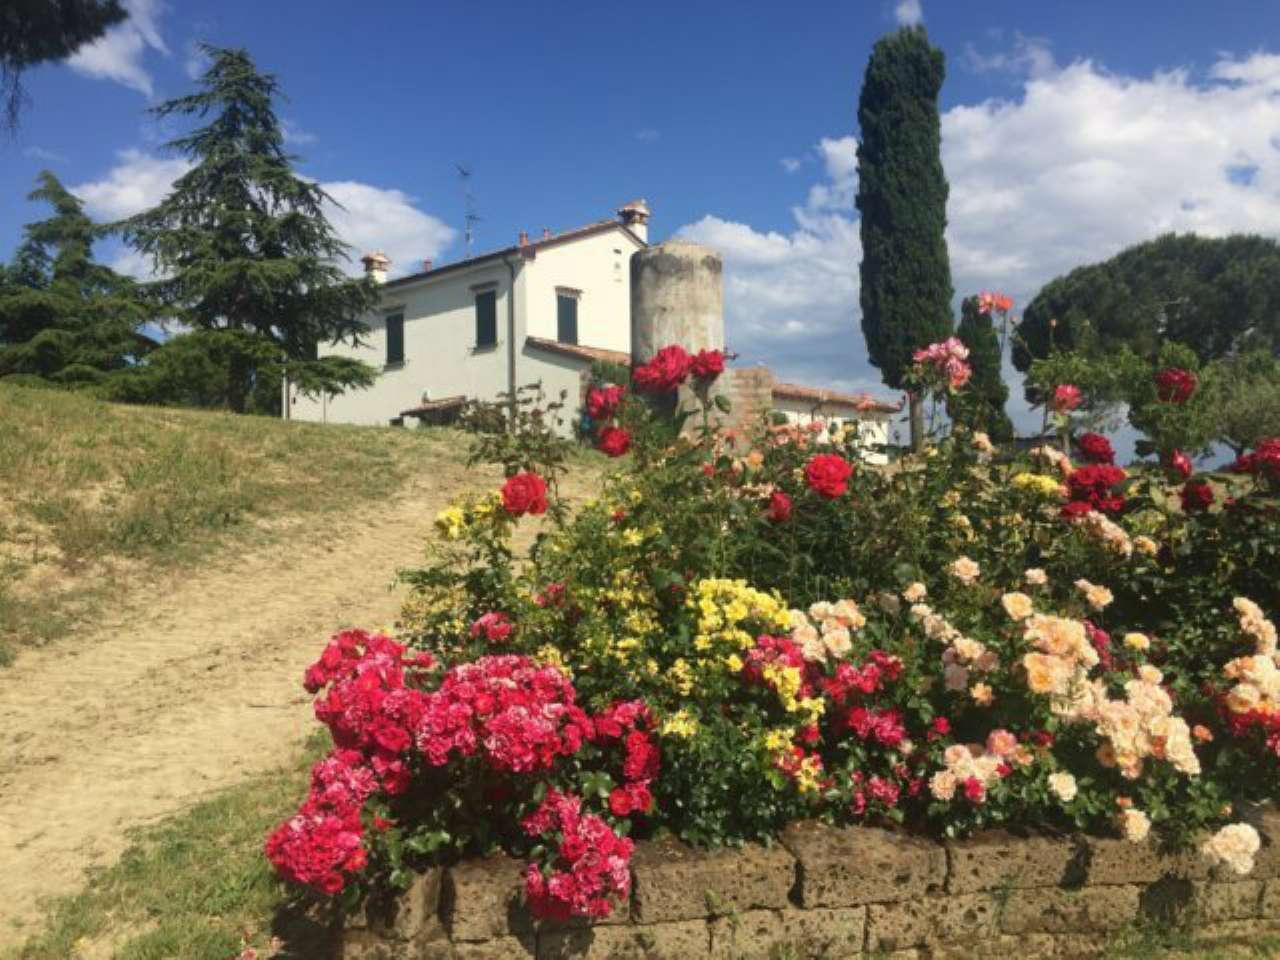 Rustico / Casale in vendita a Cesena, 10 locali, Trattative riservate | CambioCasa.it